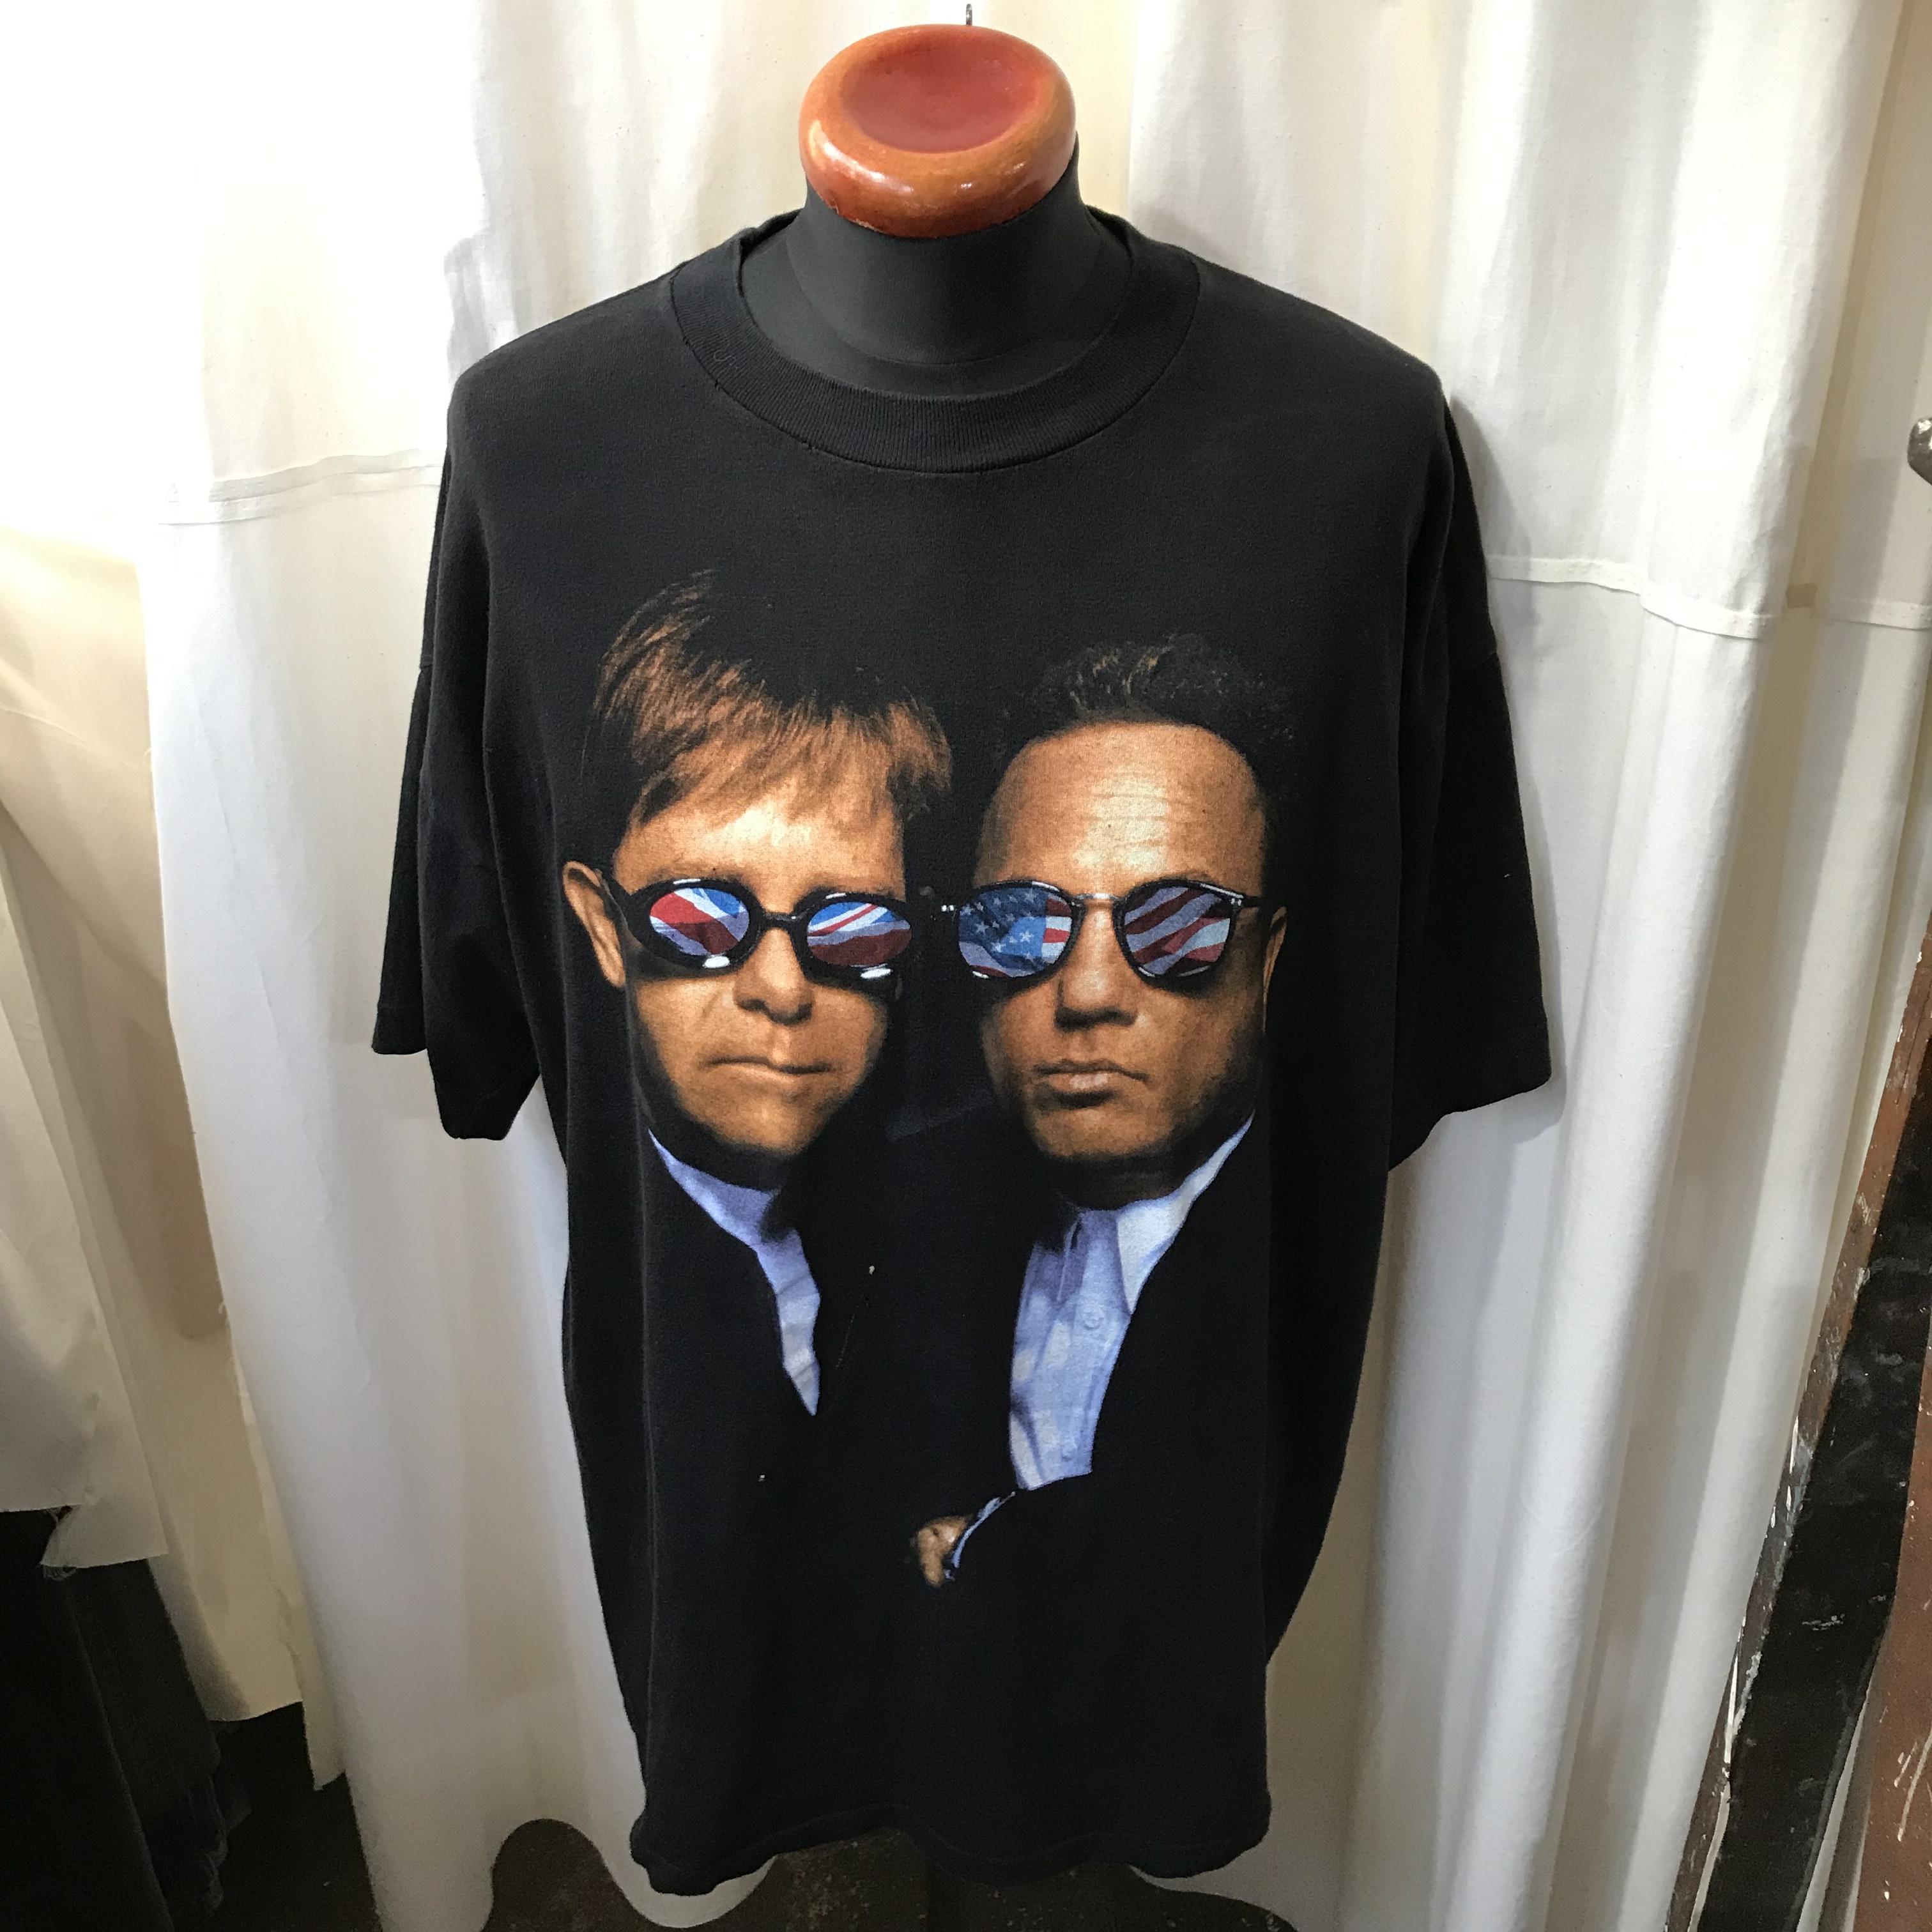 USA製 1994年ツアー Billy Joel Elton John エルトン・ジョン ビリー・ジョエル アーティストTシャツ メンズXL